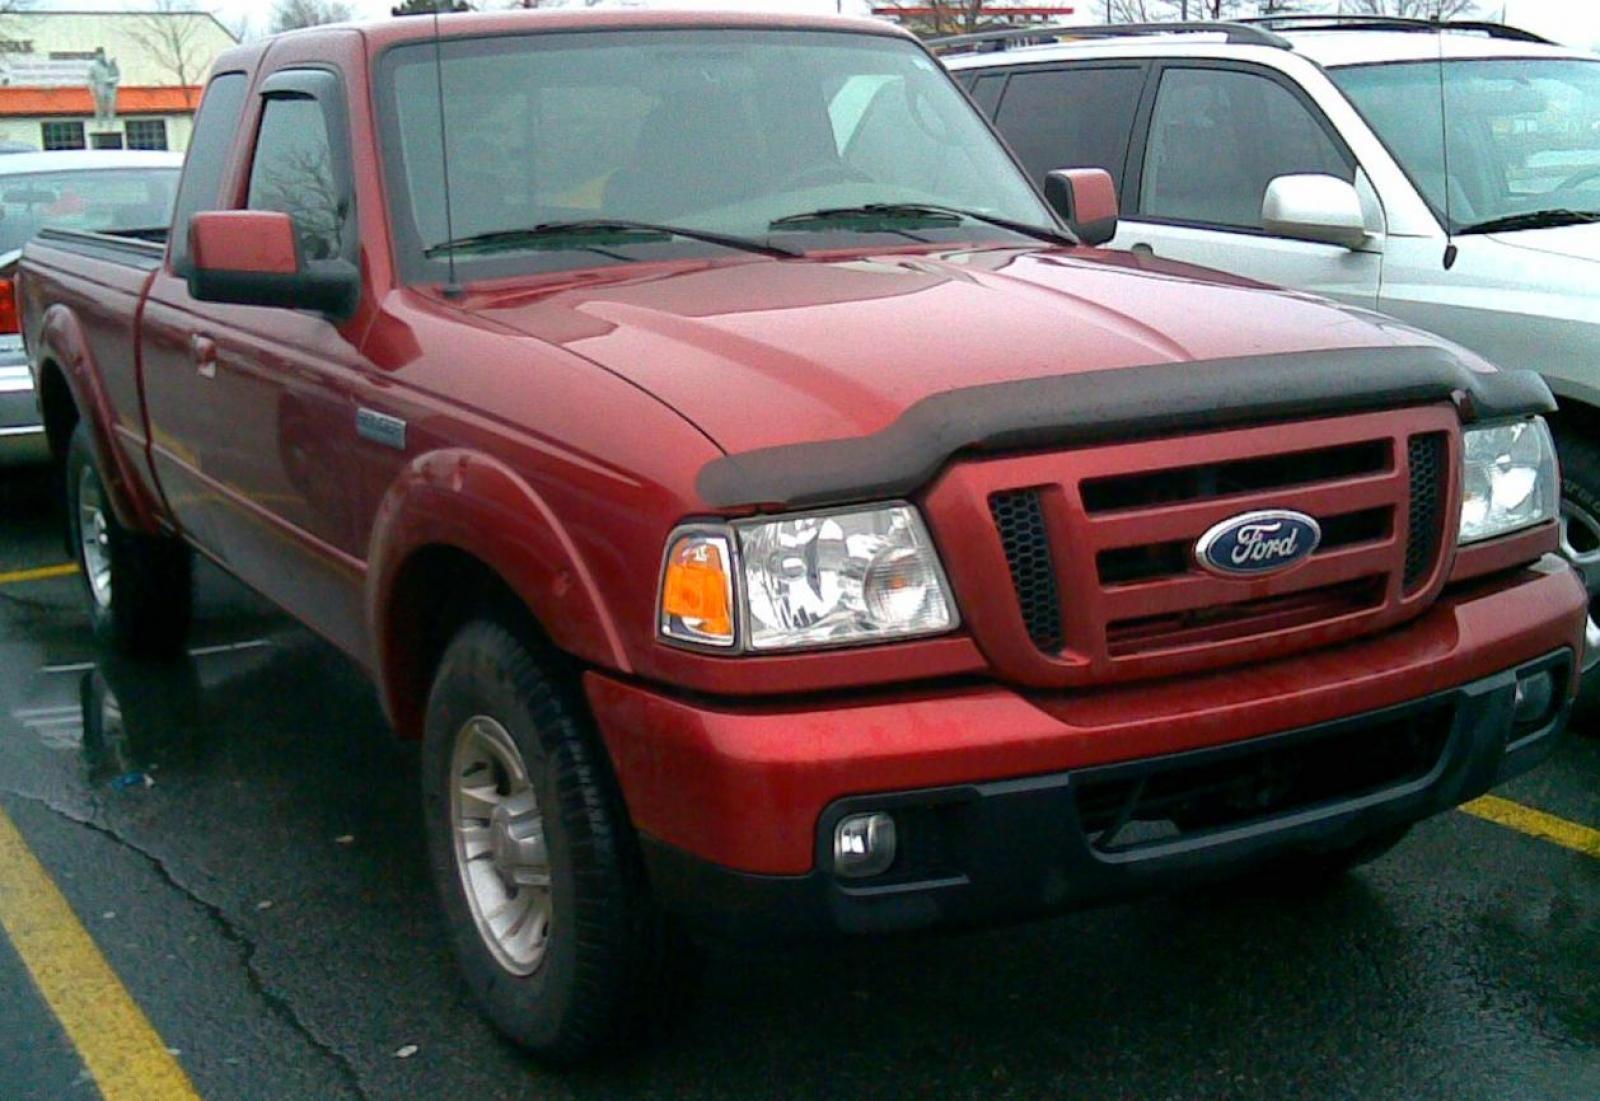 800 1024 1280 1600 origin 2006 ford ranger